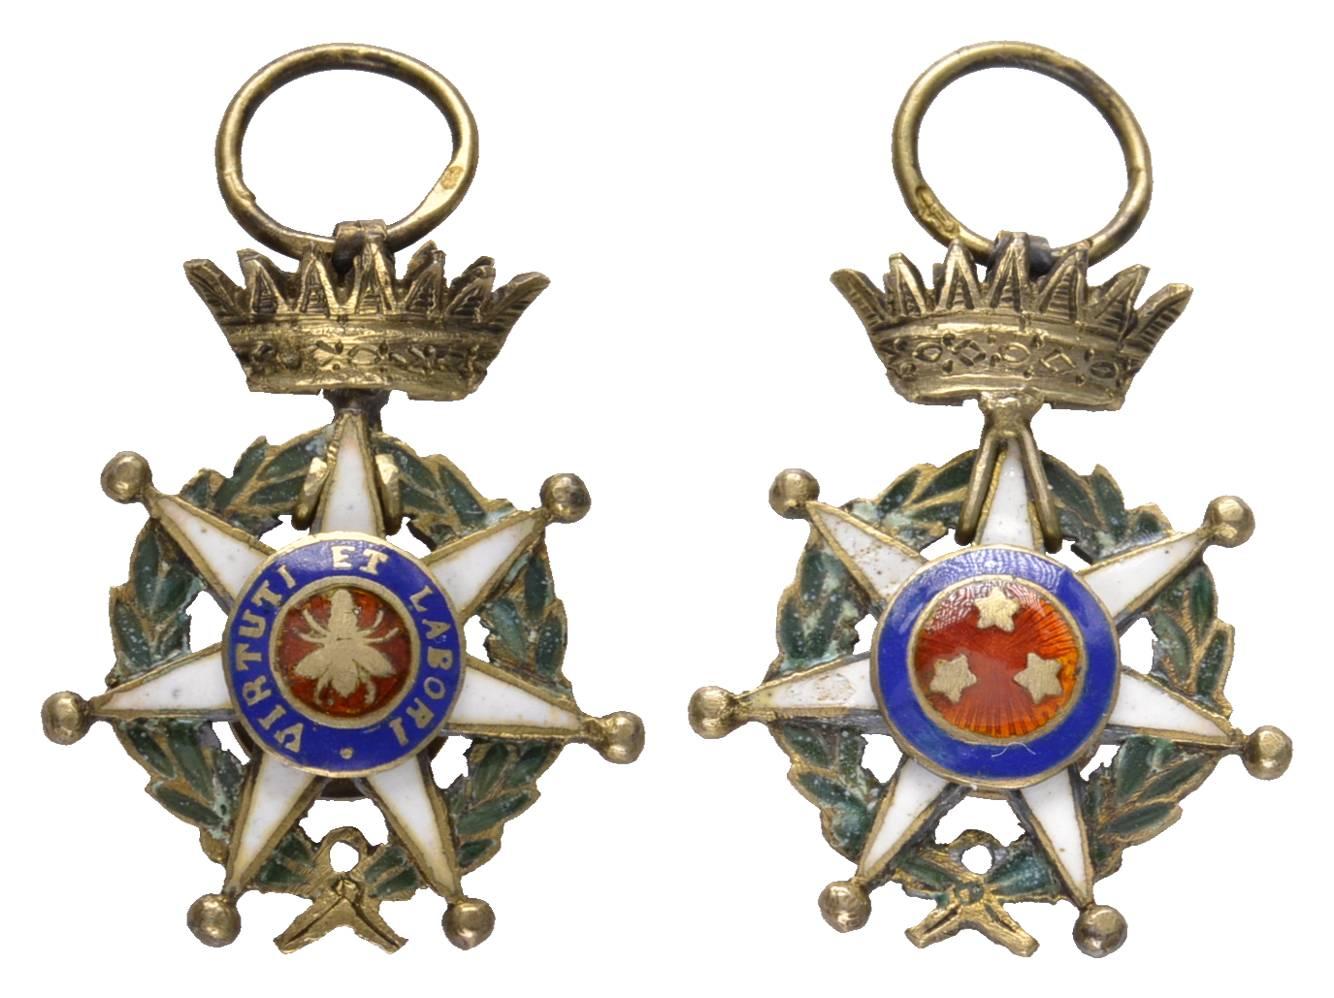 Ehrenzeichen einer nicht identifizierten alten Dekoration frankreich